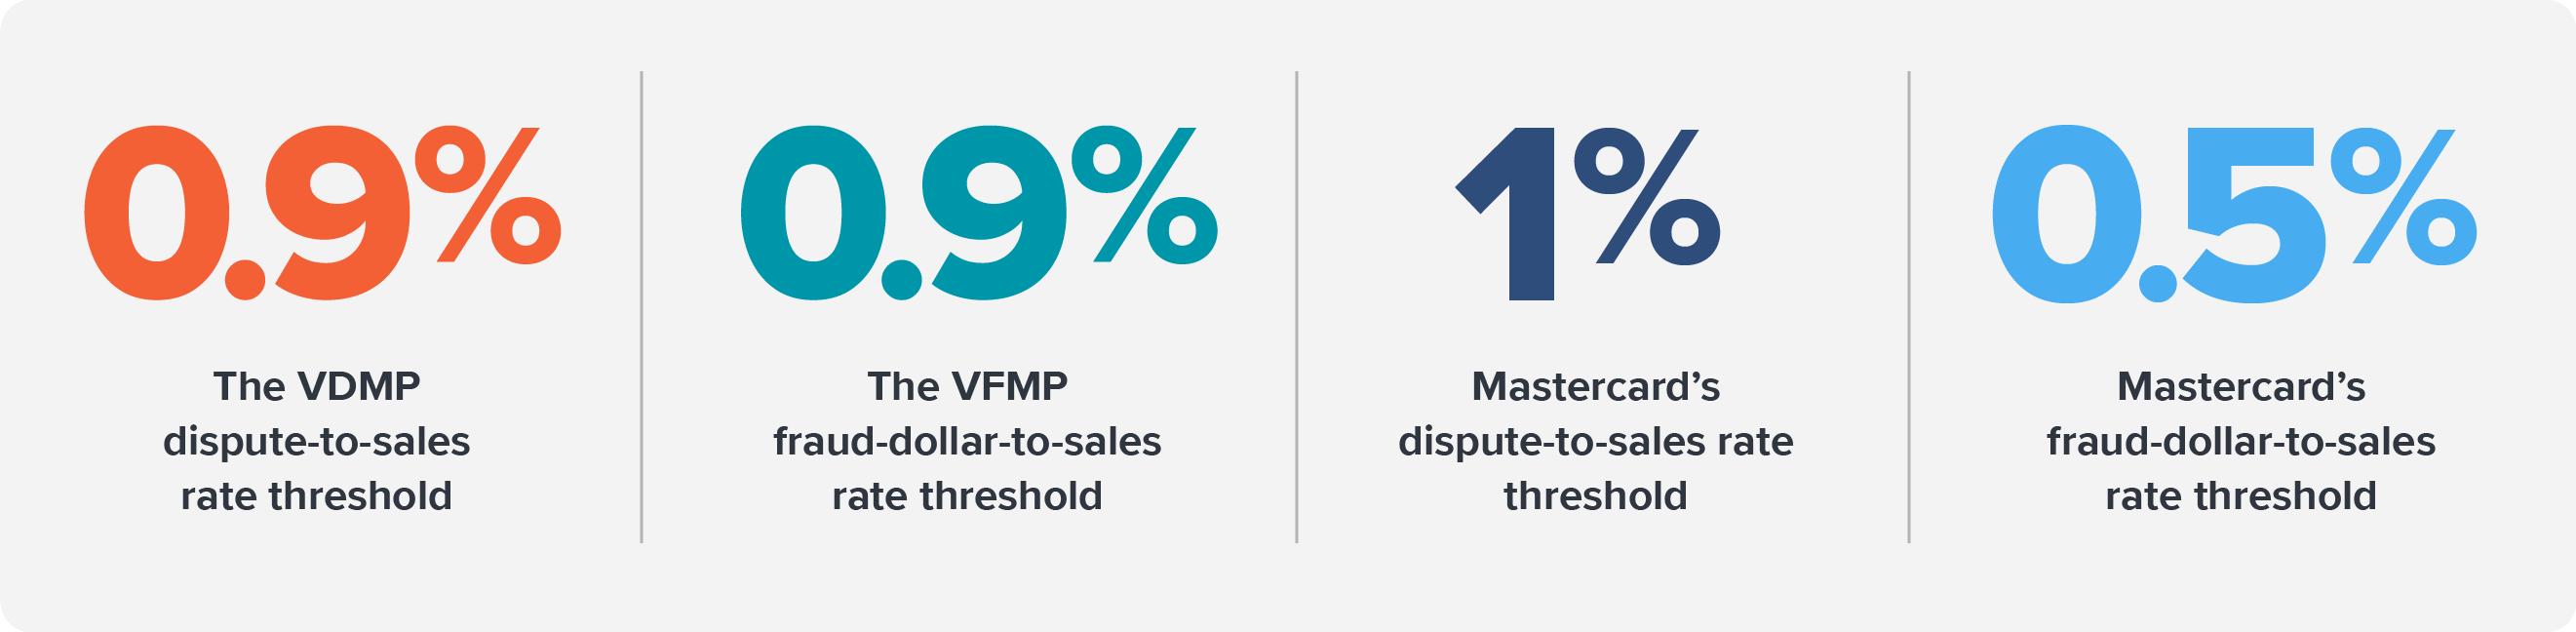 A banner of each program's threshold: .9% for Visa's programs and 1% and .5% for Mastercard's programs.